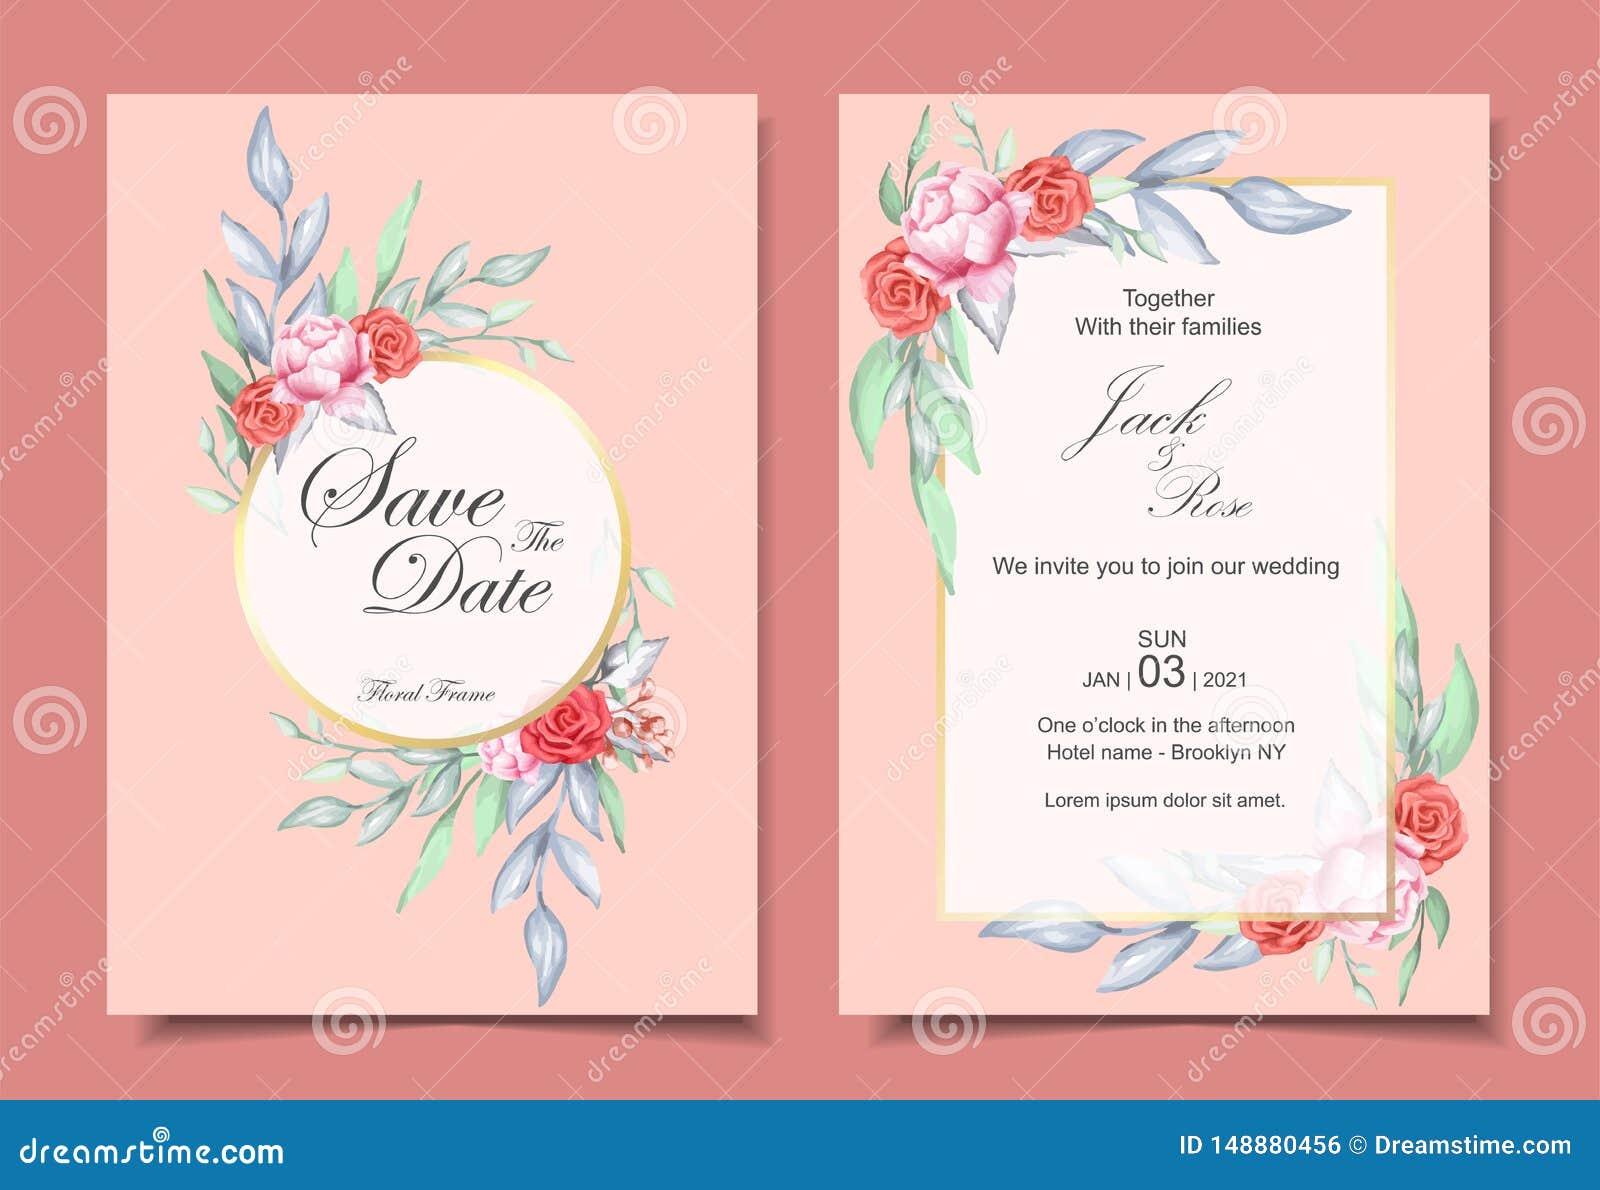 Sistema de la invitaci?n de la boda del ornamento floral de la acuarela y del bastidor de oro con concepto de dise?o elegante del